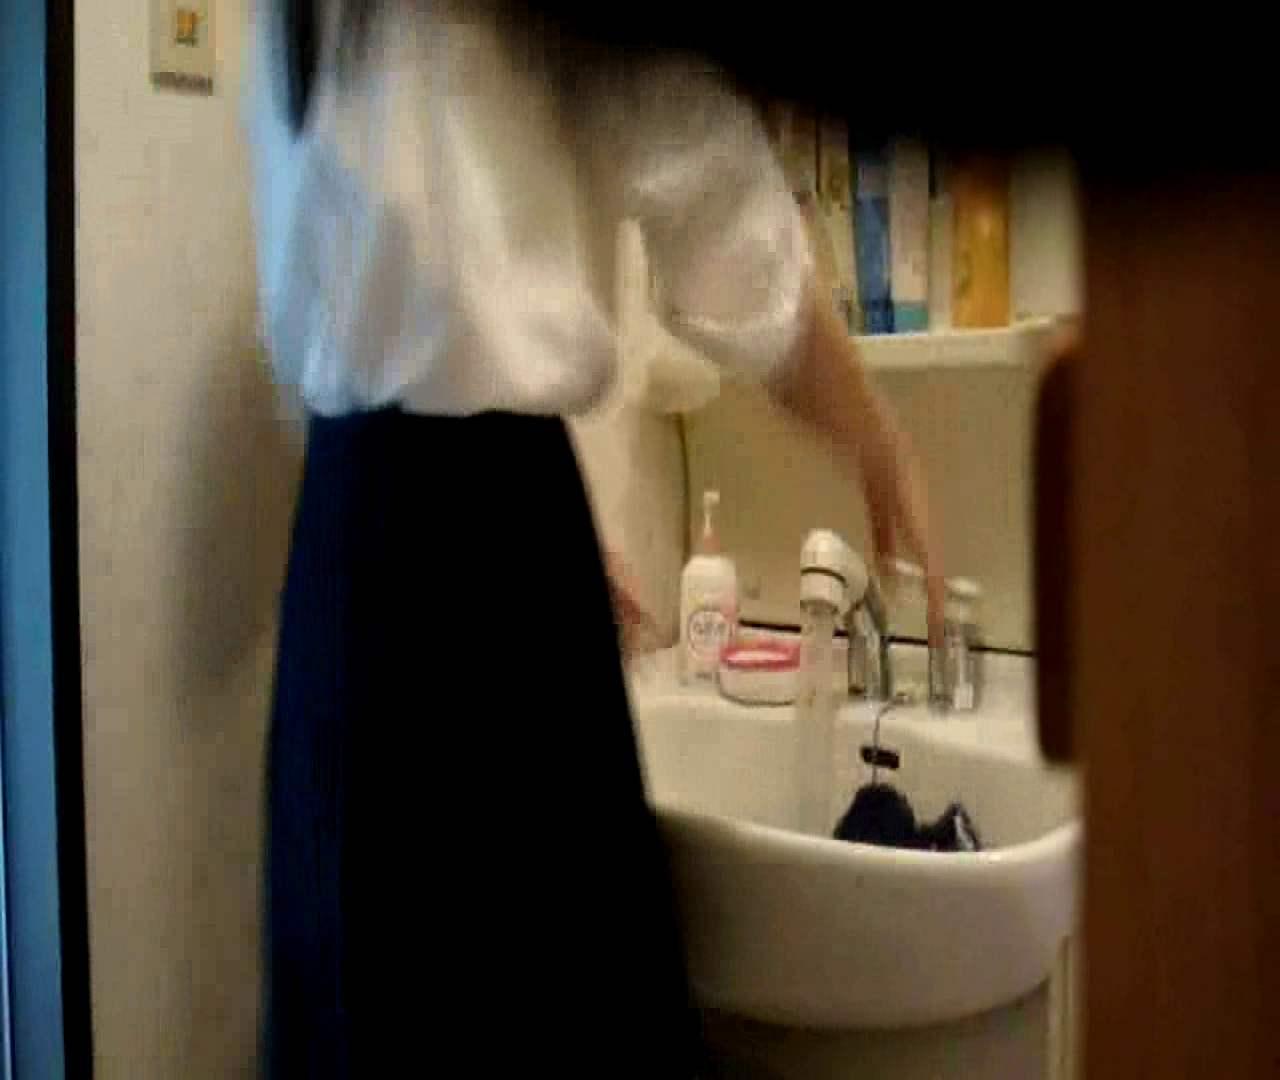 二人とも育てた甲斐がありました… vol.05 まどかが洗顔後にブラを洗濯 盗撮シリーズ | おまんこ見放題  79PIX 19